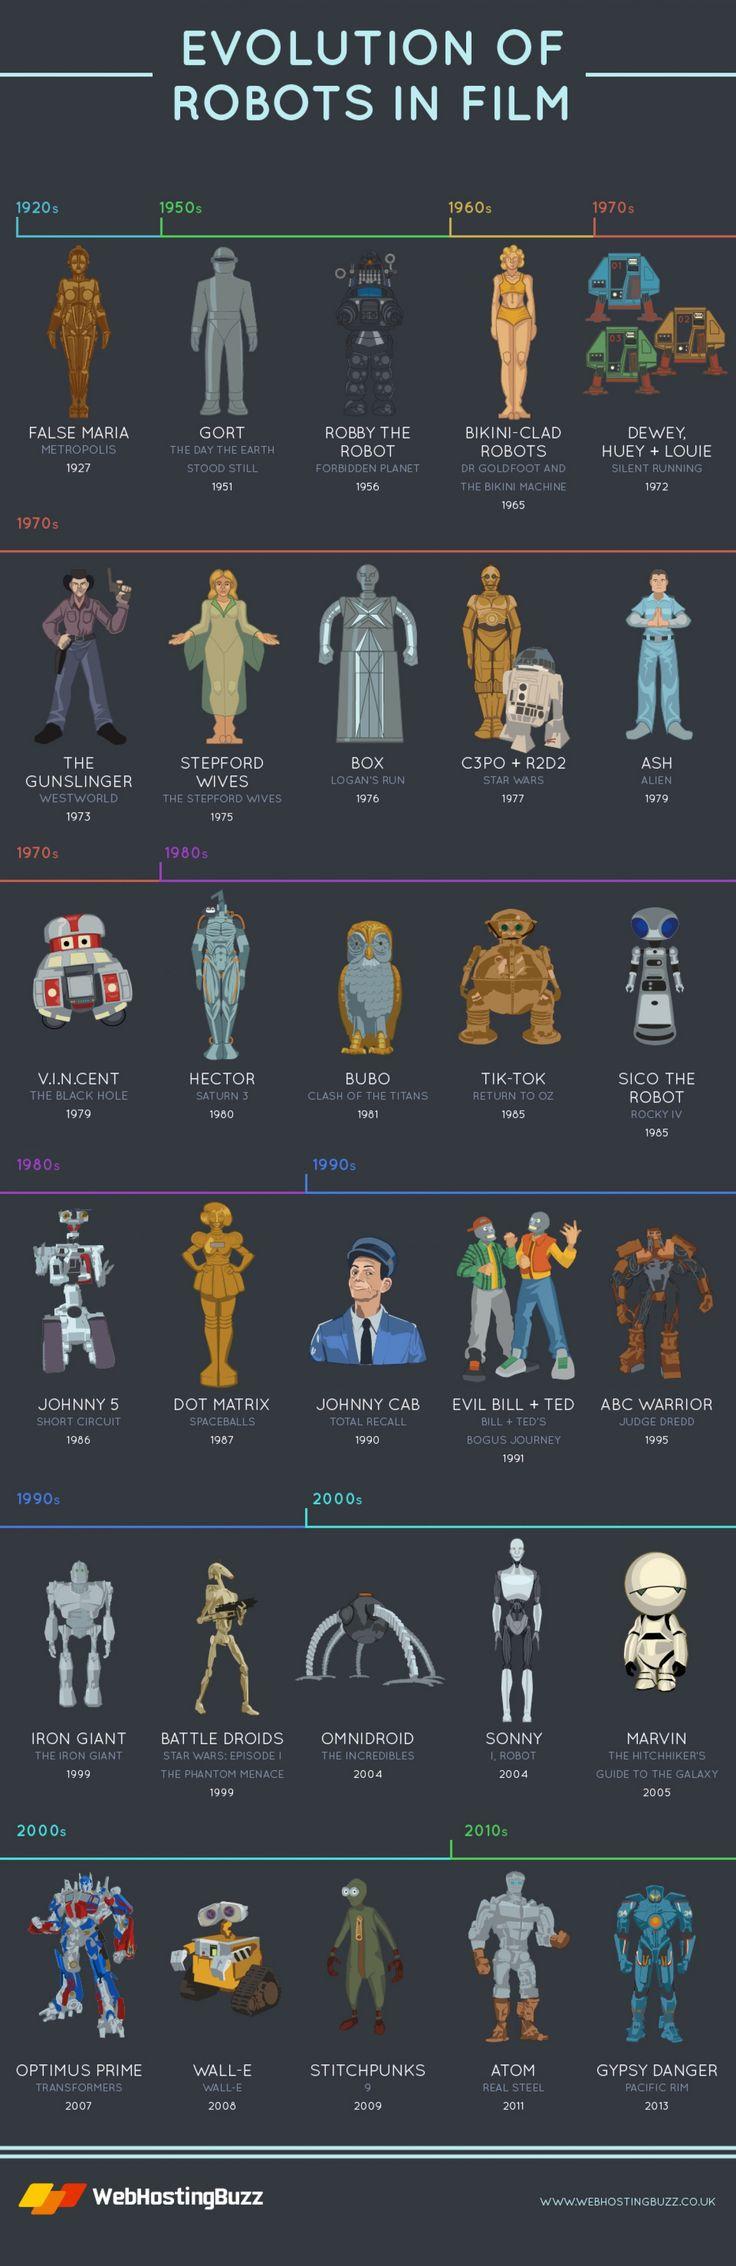 #infografia La evolución de los Robots en las películas / Evolution of Robots in Film #Infographic